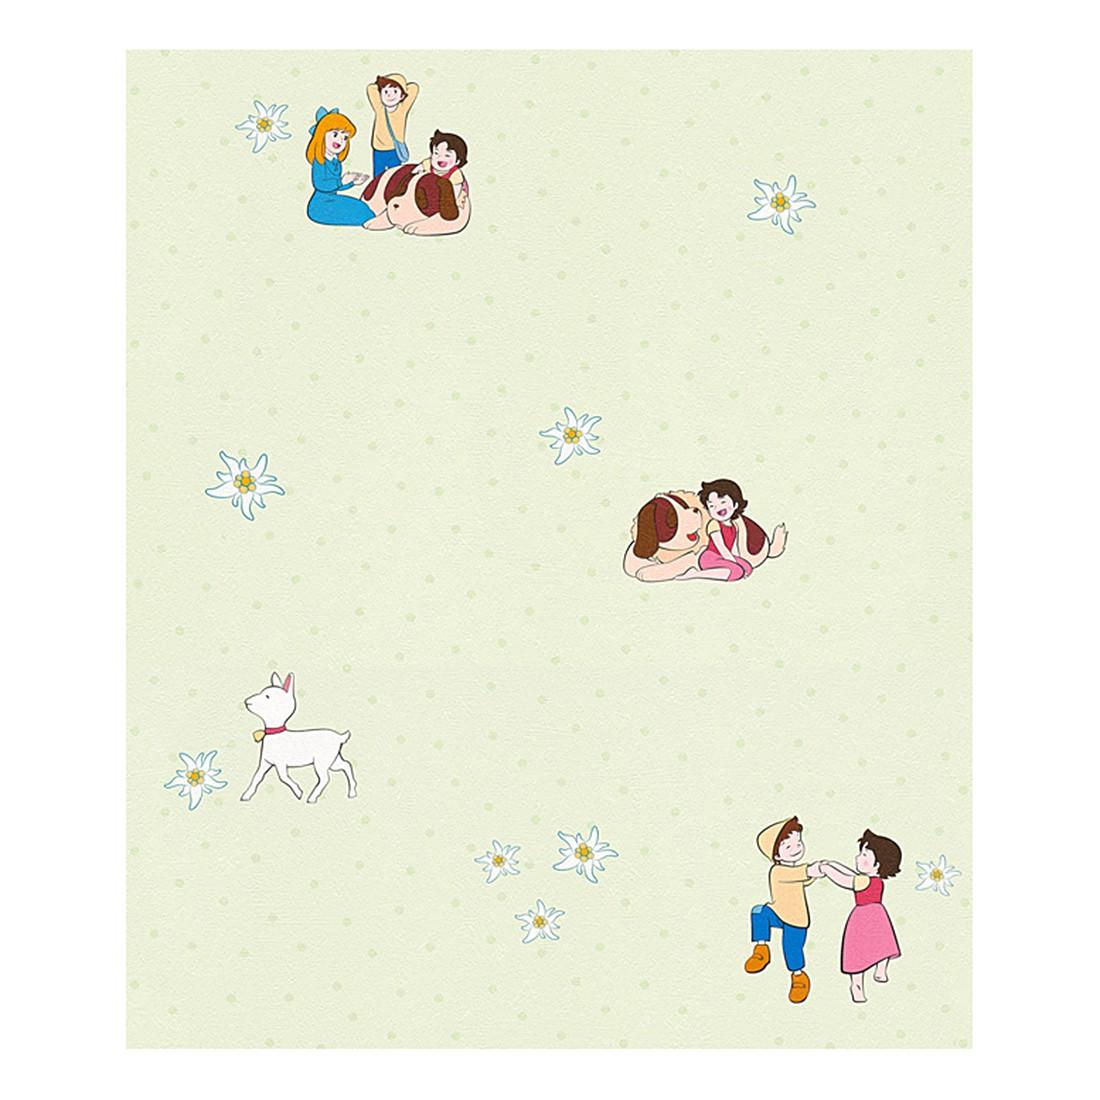 Papiertapete Heidi – pastellgrün – bunt – fein strukturiert – Modell 2, Home24Deko günstig kaufen